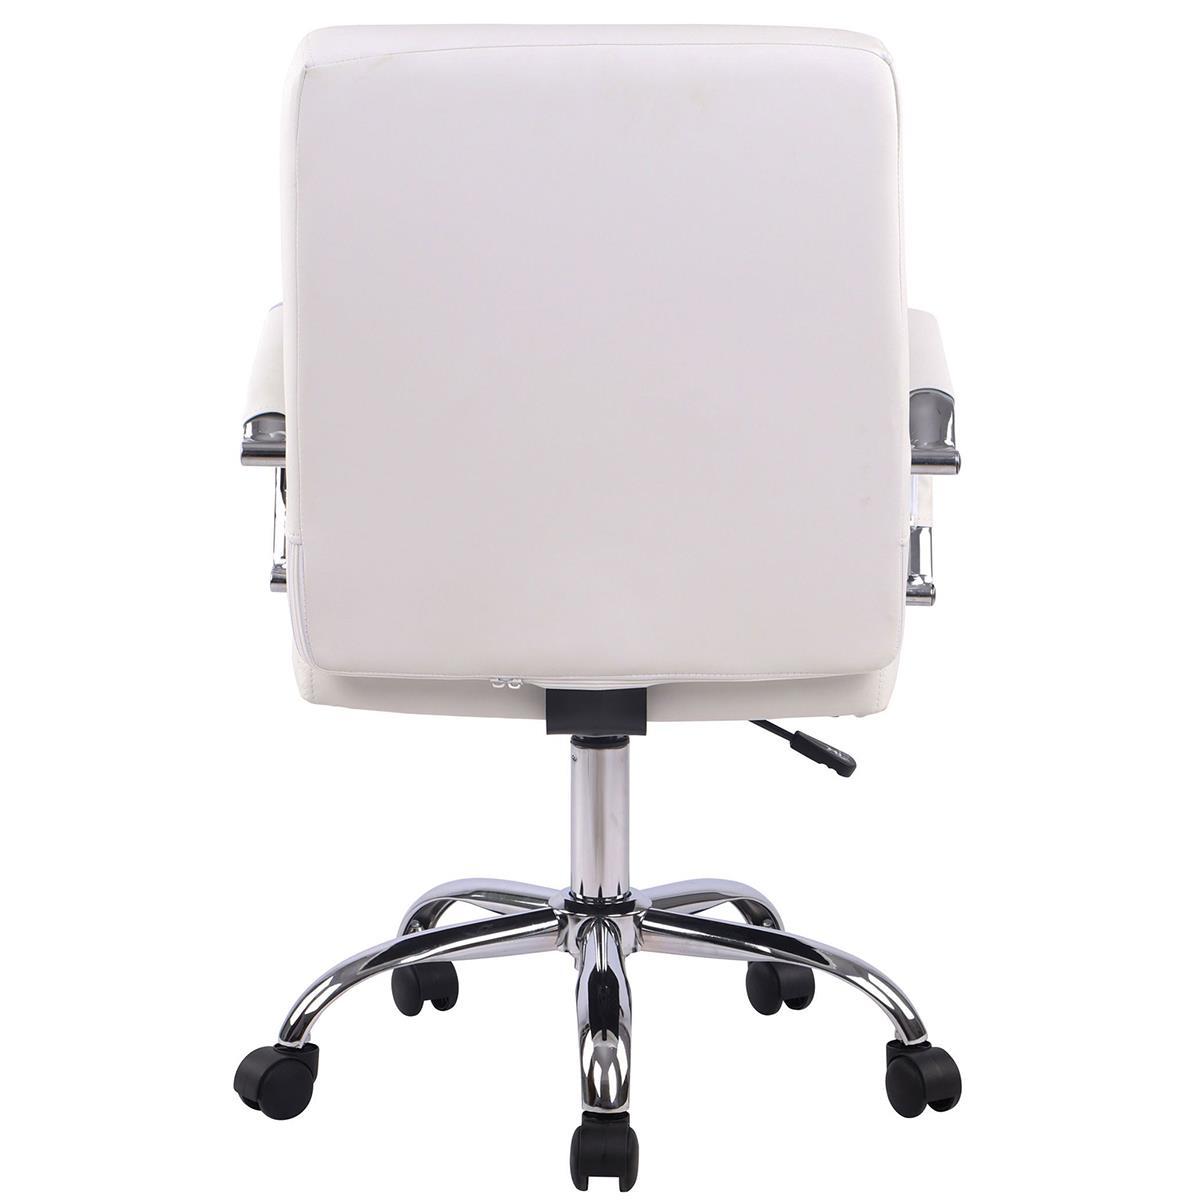 Poltrona Ufficio Bianco : Poltrona da ufficio delan in pelle in color bianco poltrona da